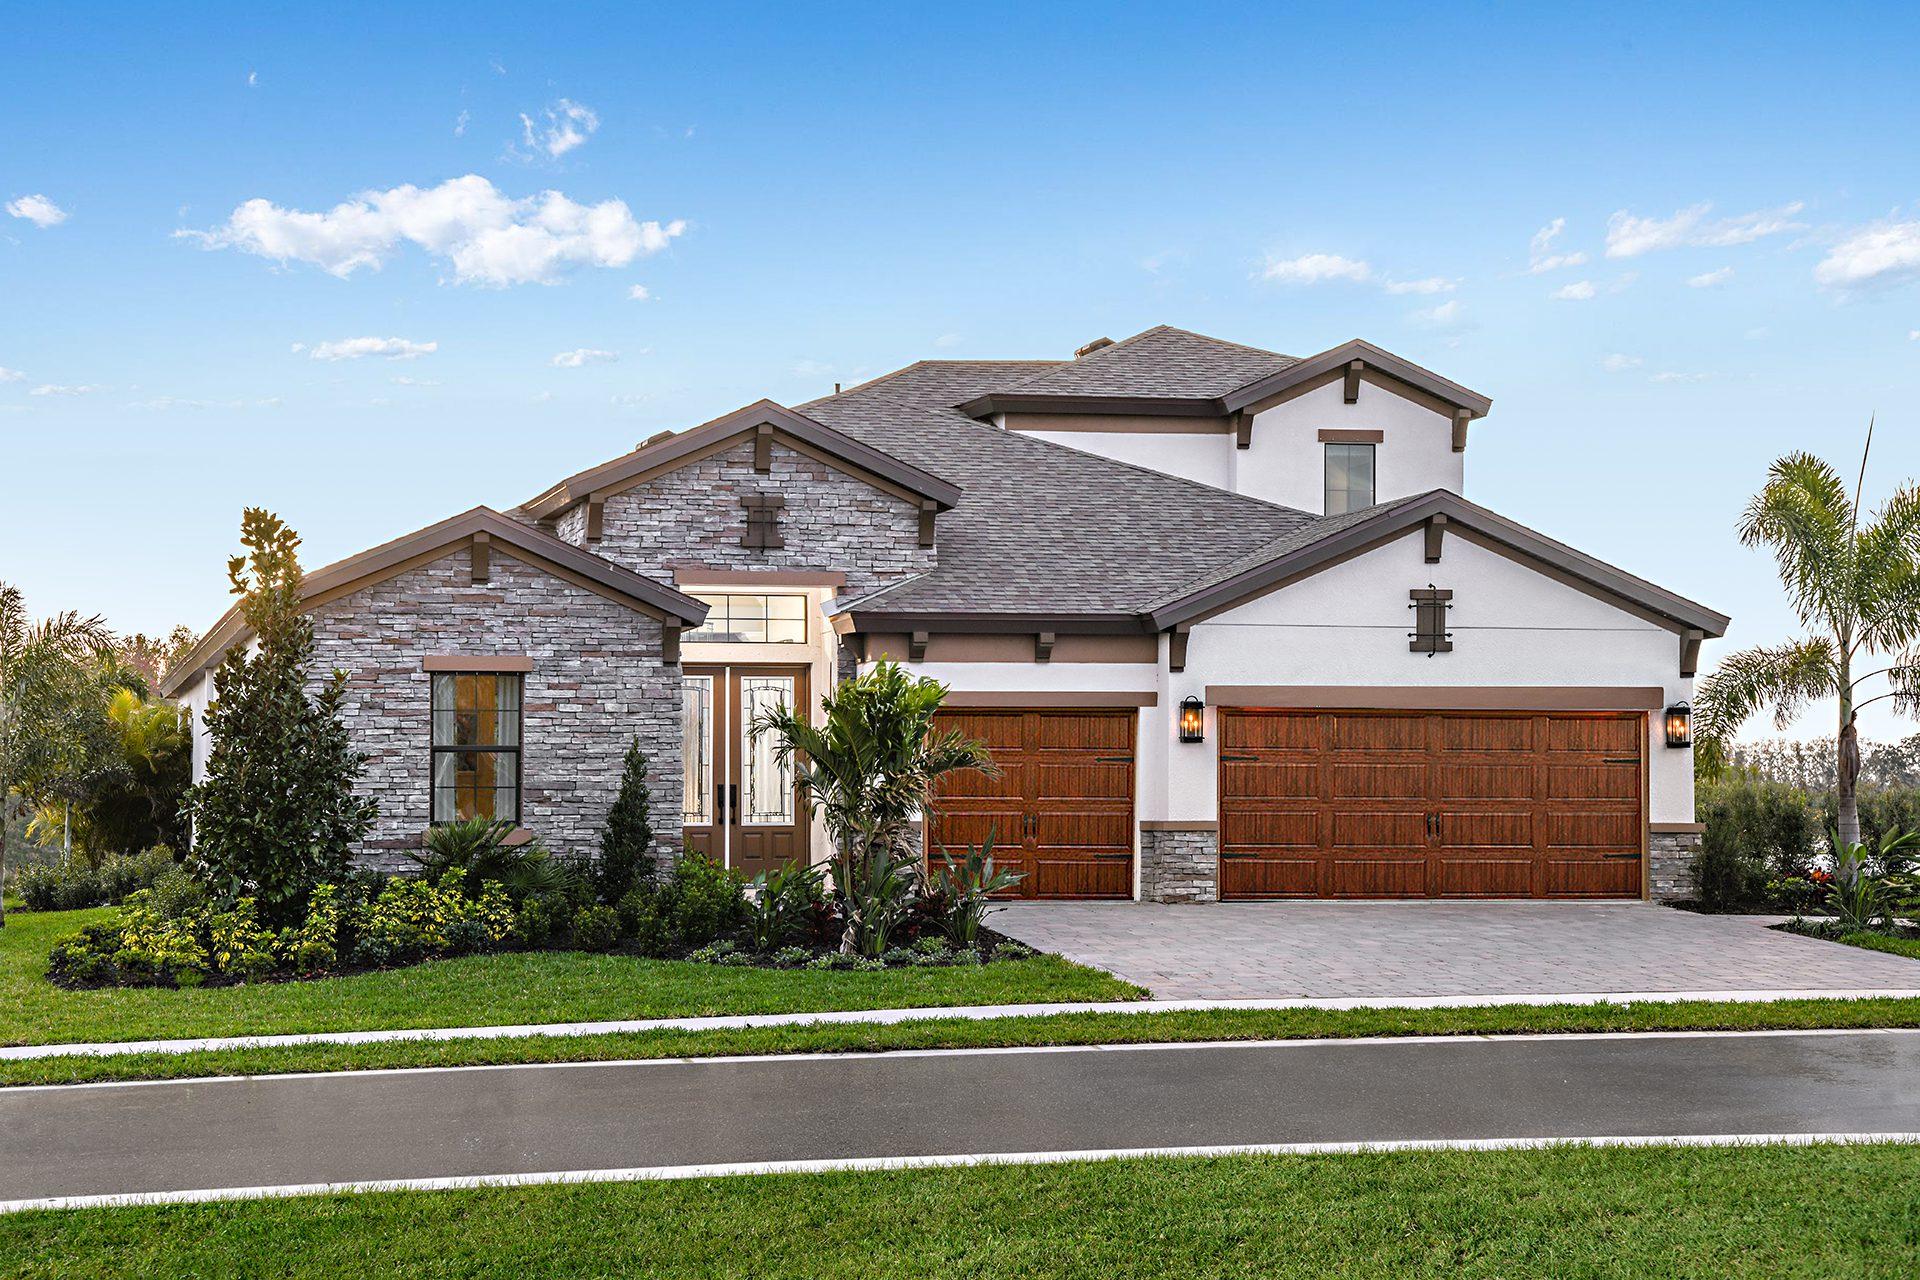 Homes by WestBay Bayshore model at North River Ranch